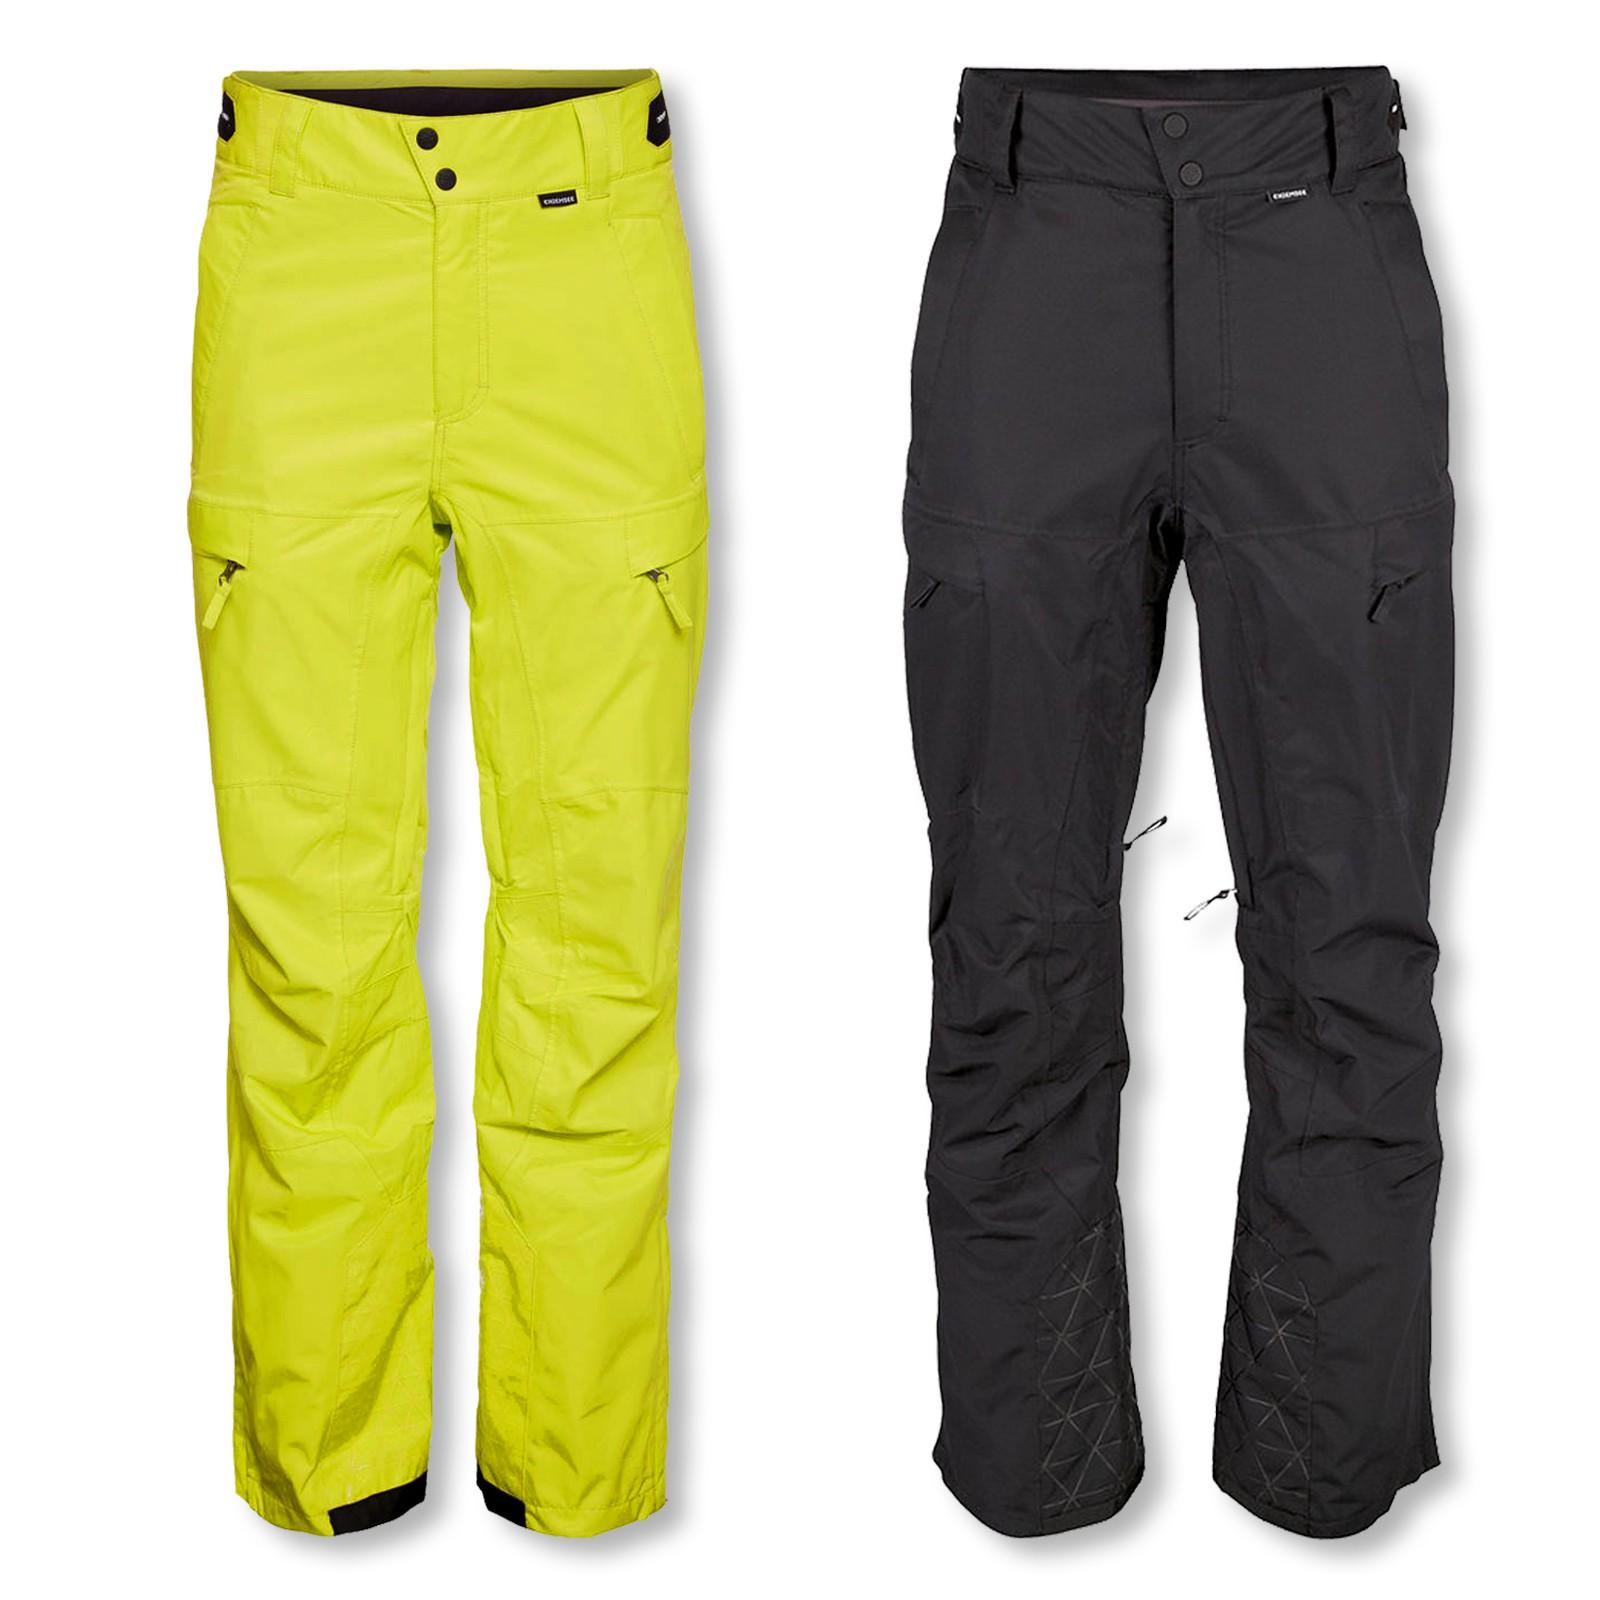 Chiemsee Herren Skihose Snow Pants Kolja 2090804 M L XL in sulphur spring